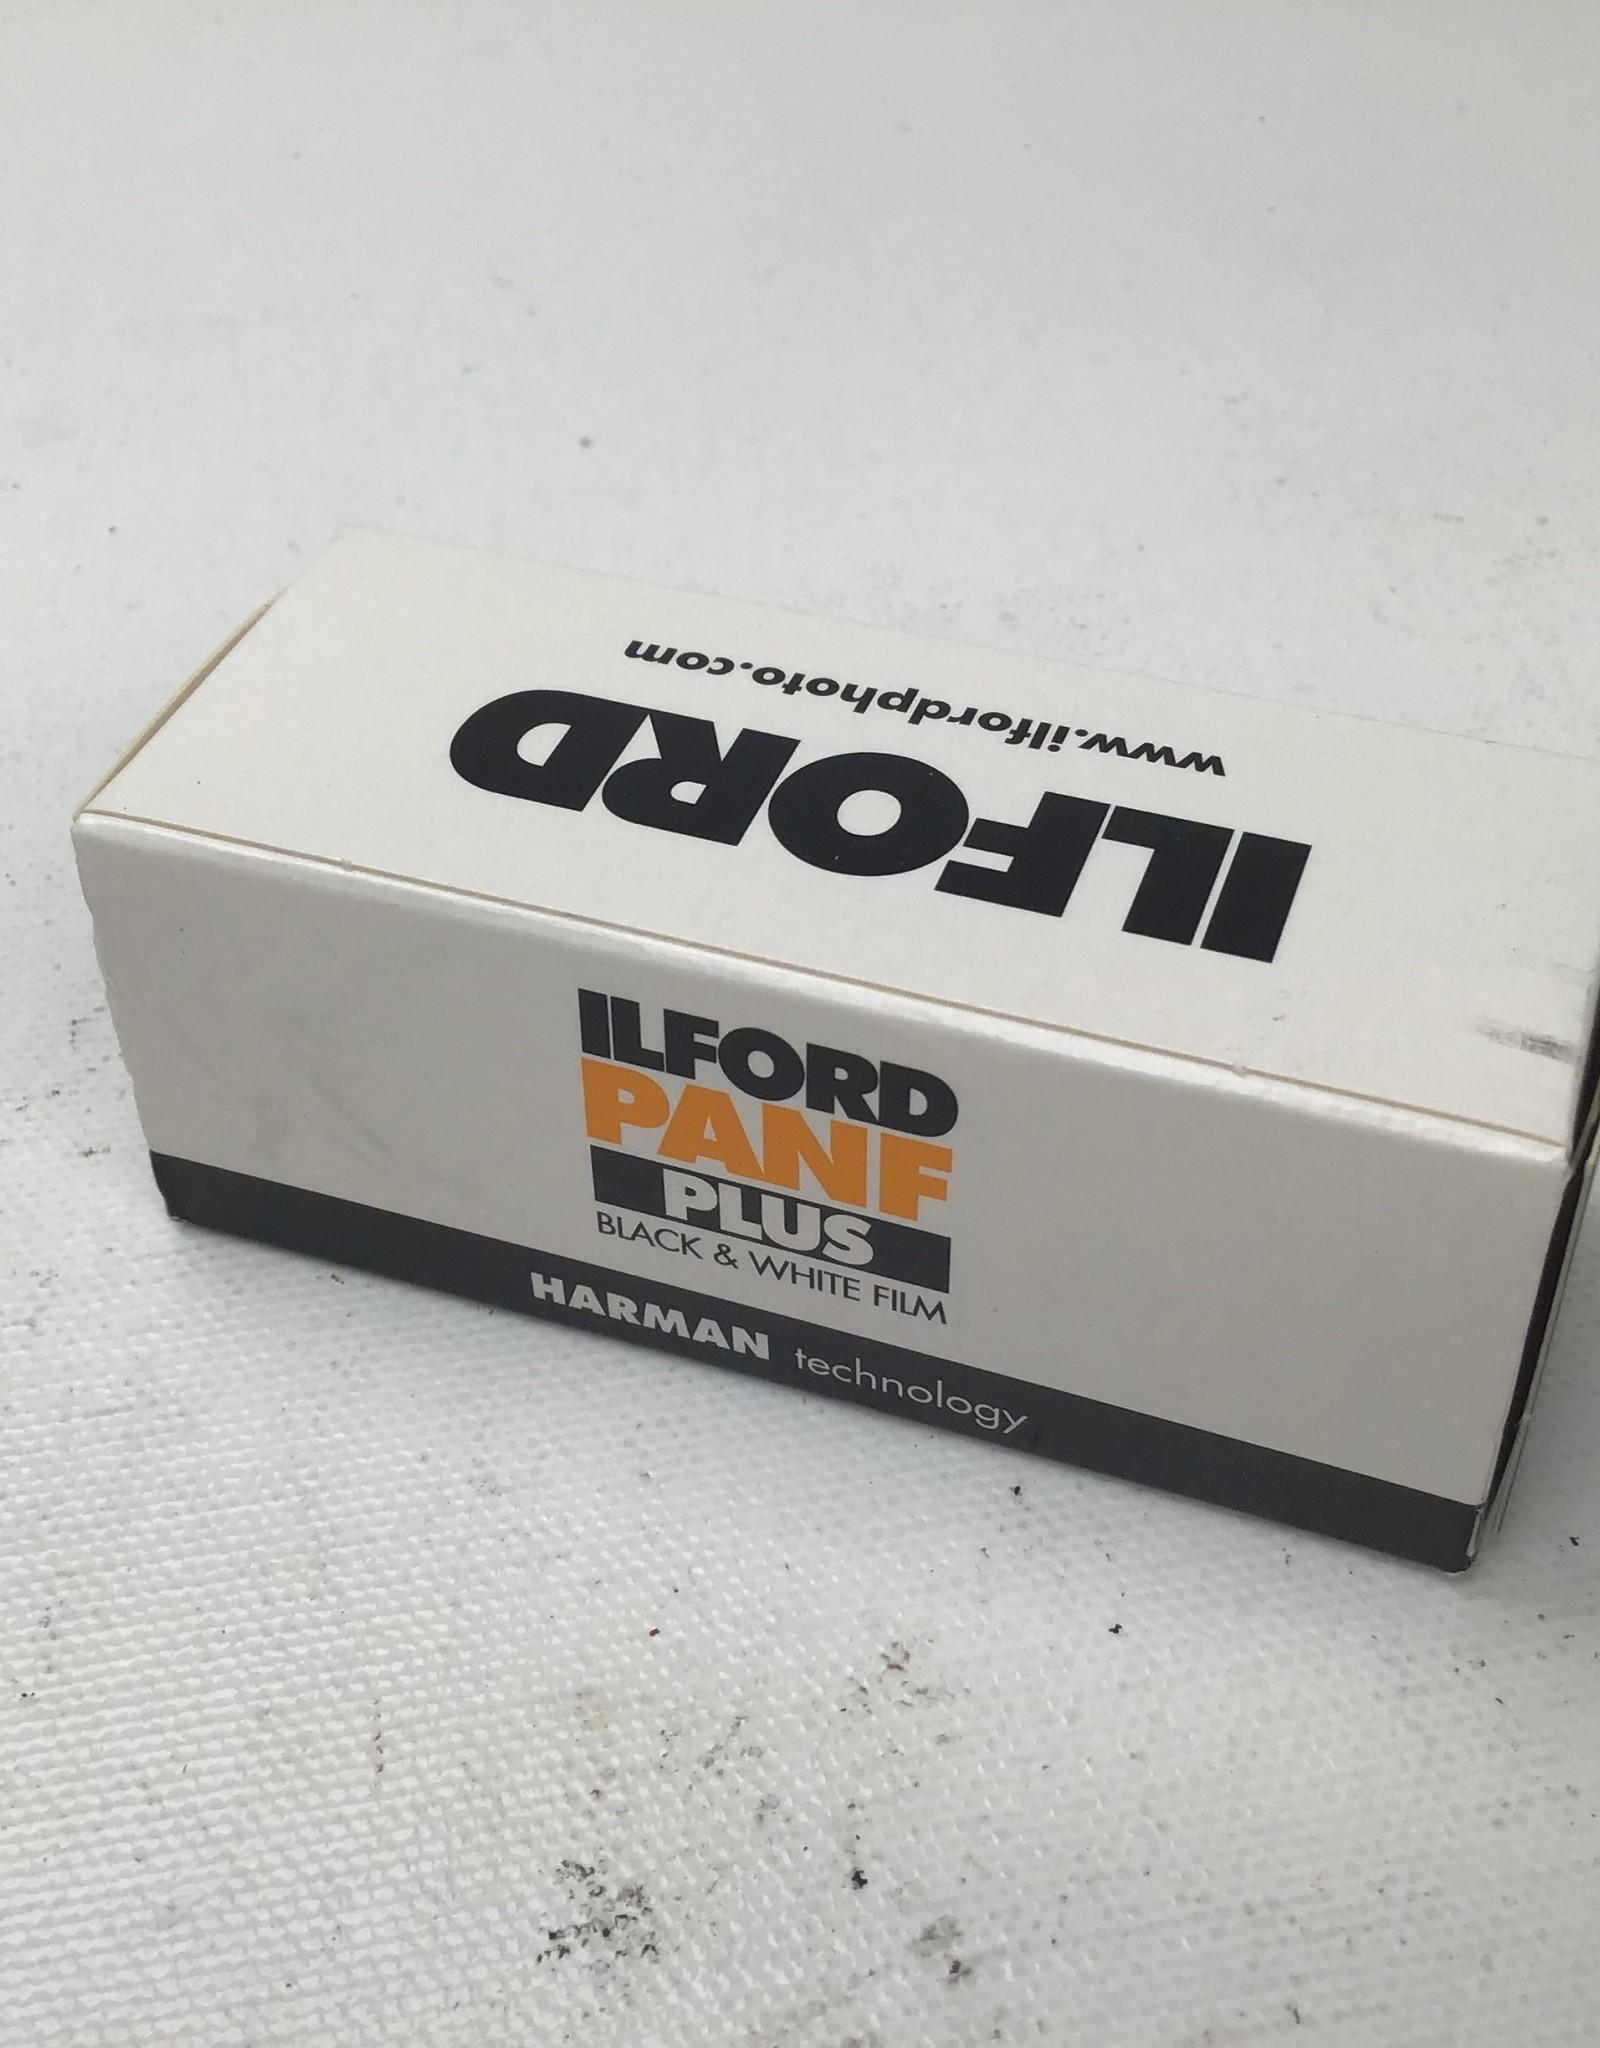 Ilford Pan F Plus 50 B&W 120 Film EXPIRED (3/21)